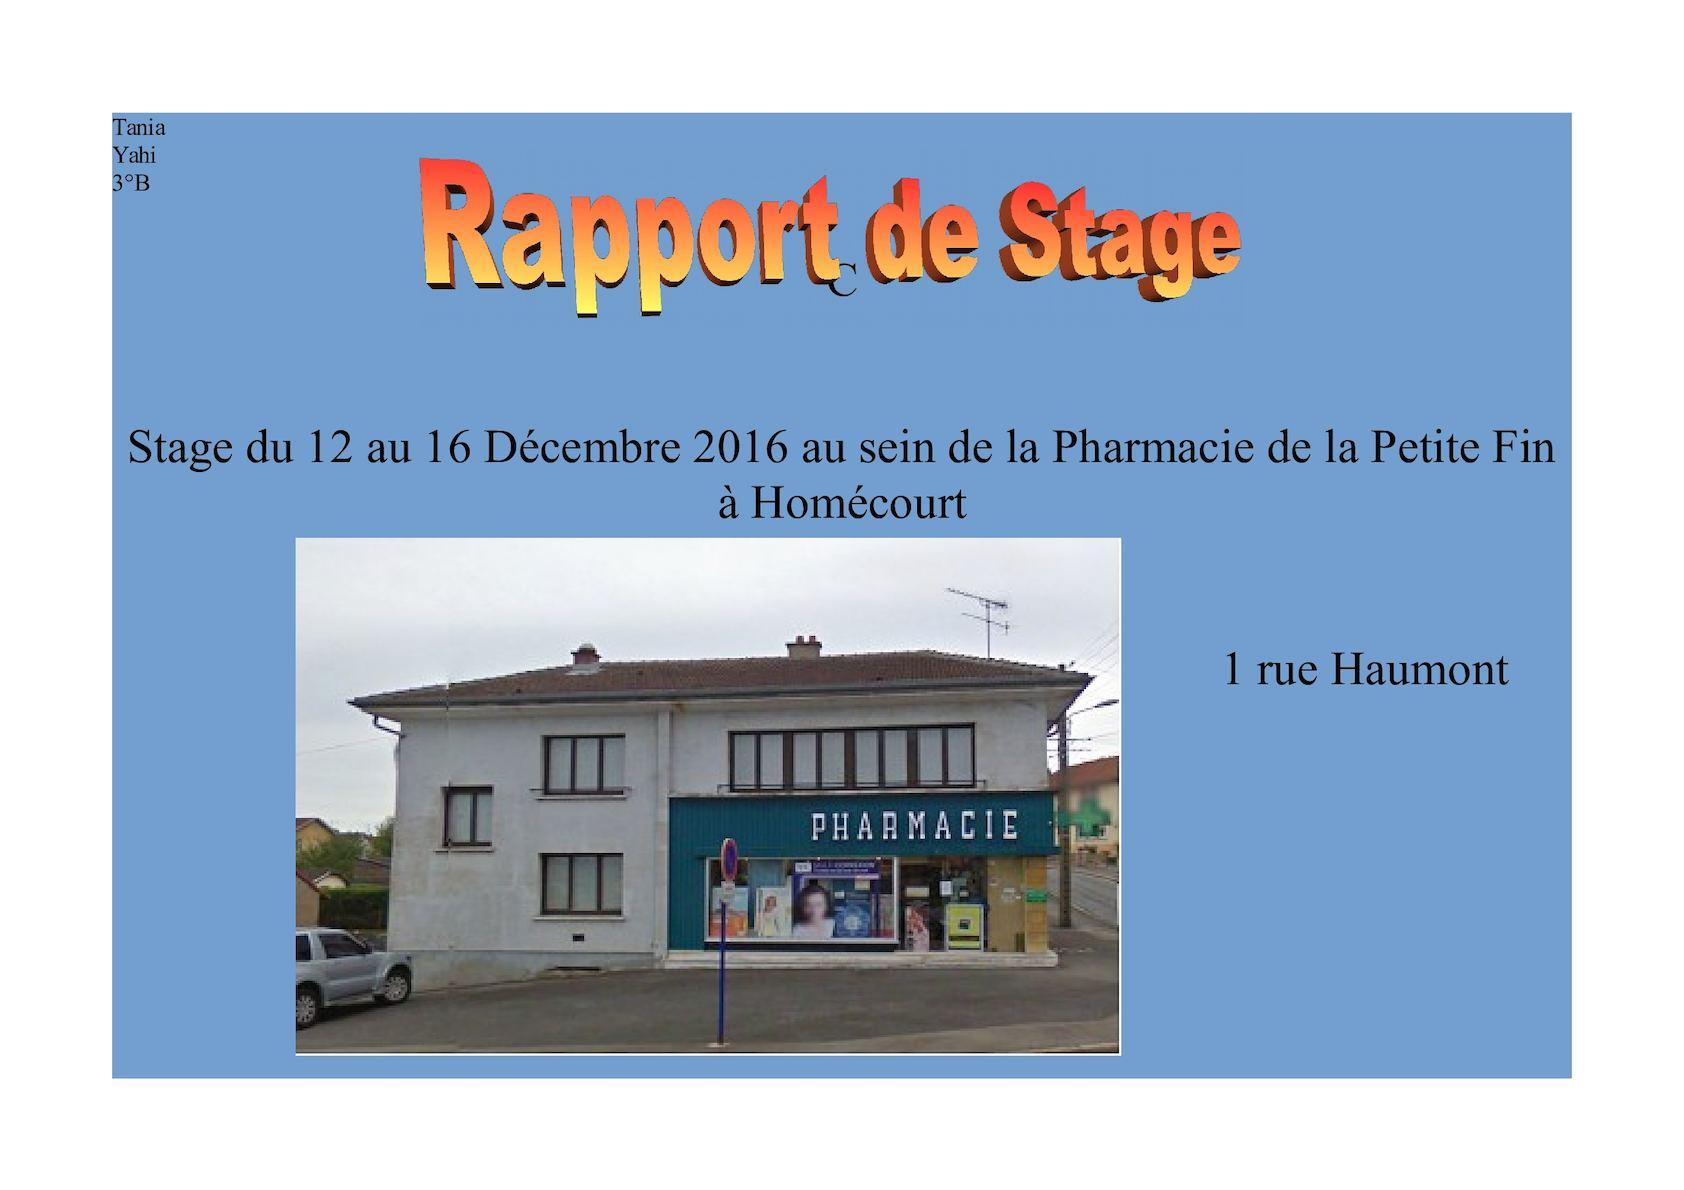 Rapport De Stage 3eme Pharmacie Exemple - Le Meilleur Exemple